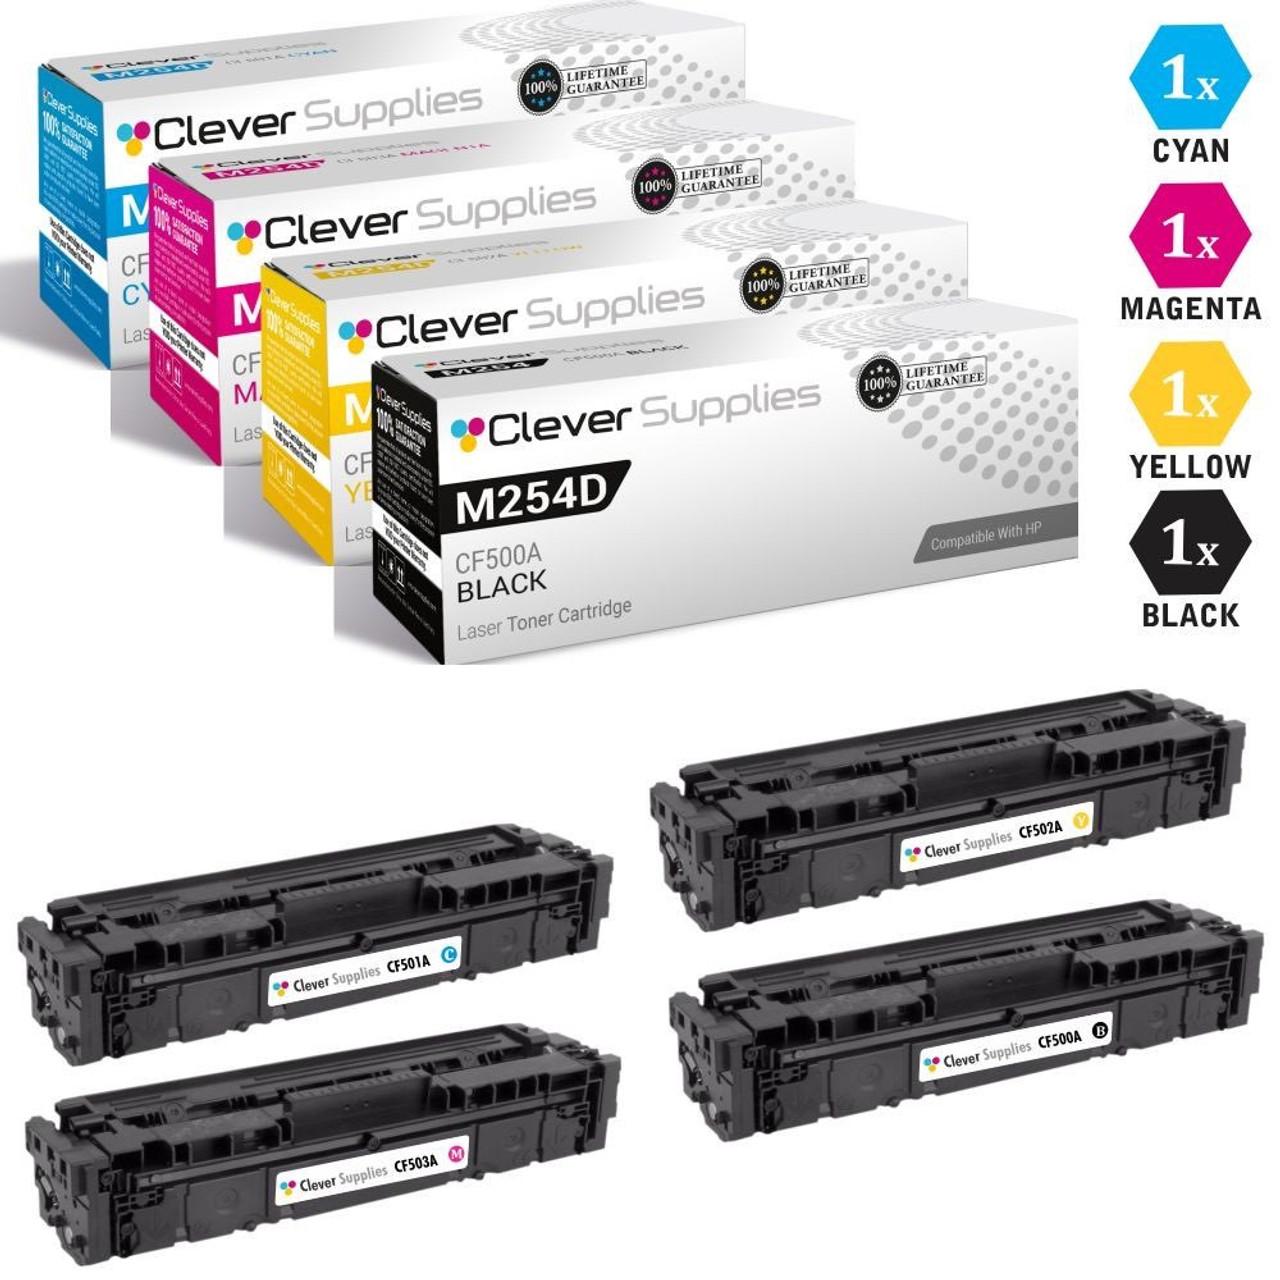 CS Compatible Toner Cartridge Replacement for HP M254dw CF500A Black CF501A Cyan CF503A Magenta CF502A Yellow 4 Color Set